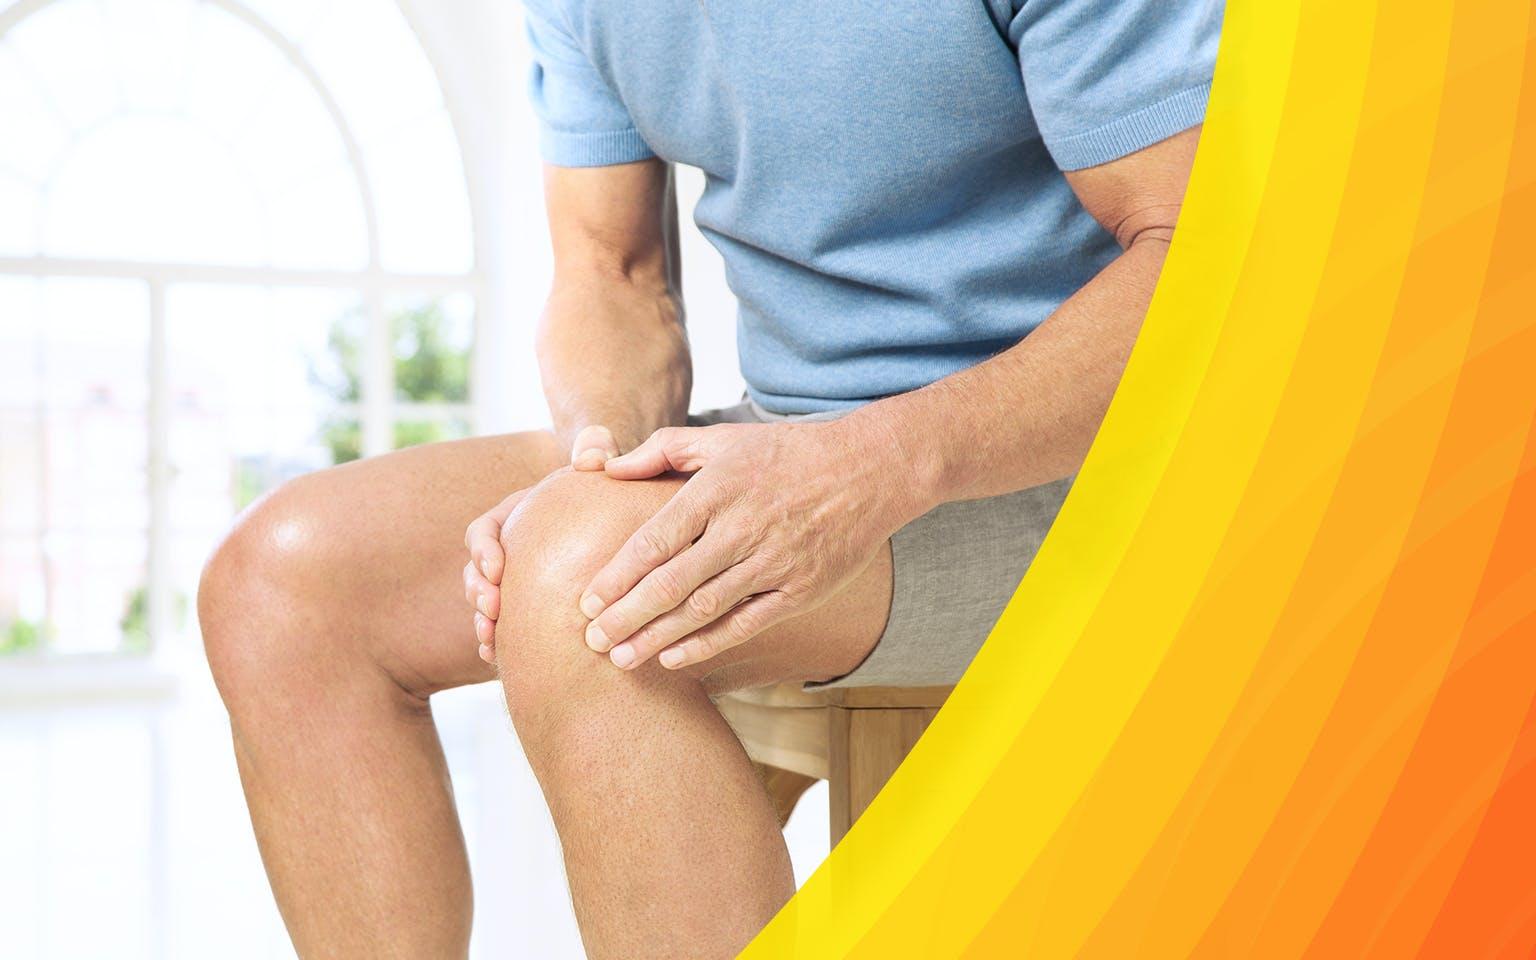 gelis spuogai ir sąnarių kojos skausmai nuo stuburo